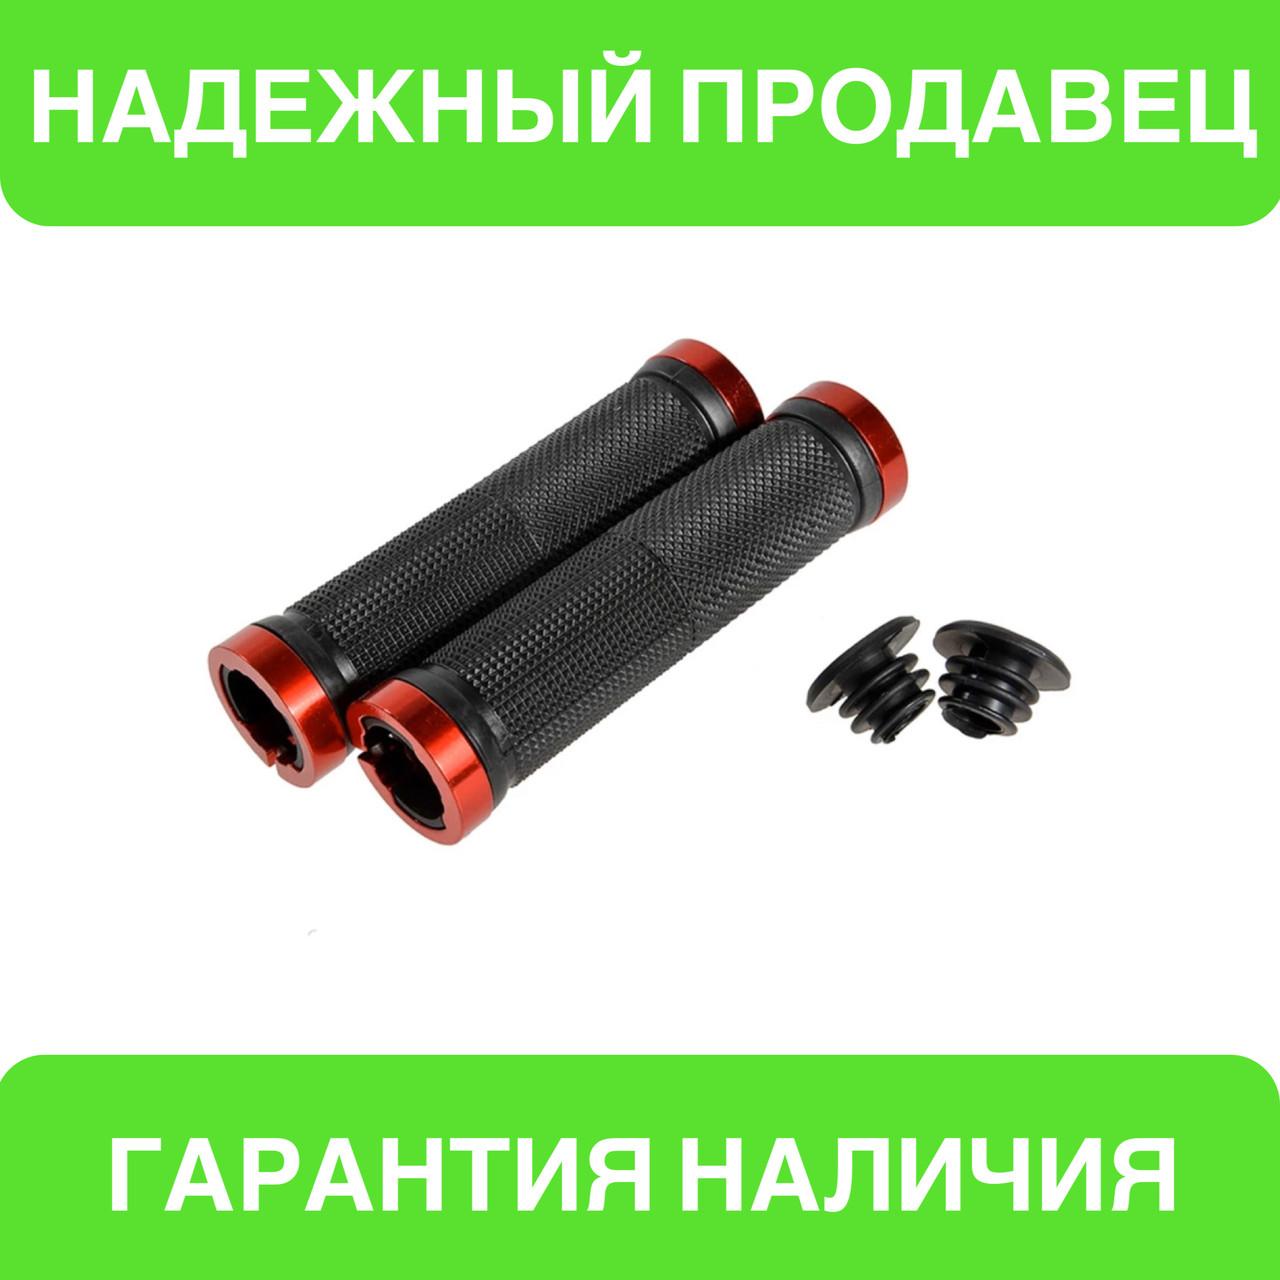 Грипсы каучуковые,ручки на руль велосипеда рифленые с заглушками и замками в черно-красном цвете